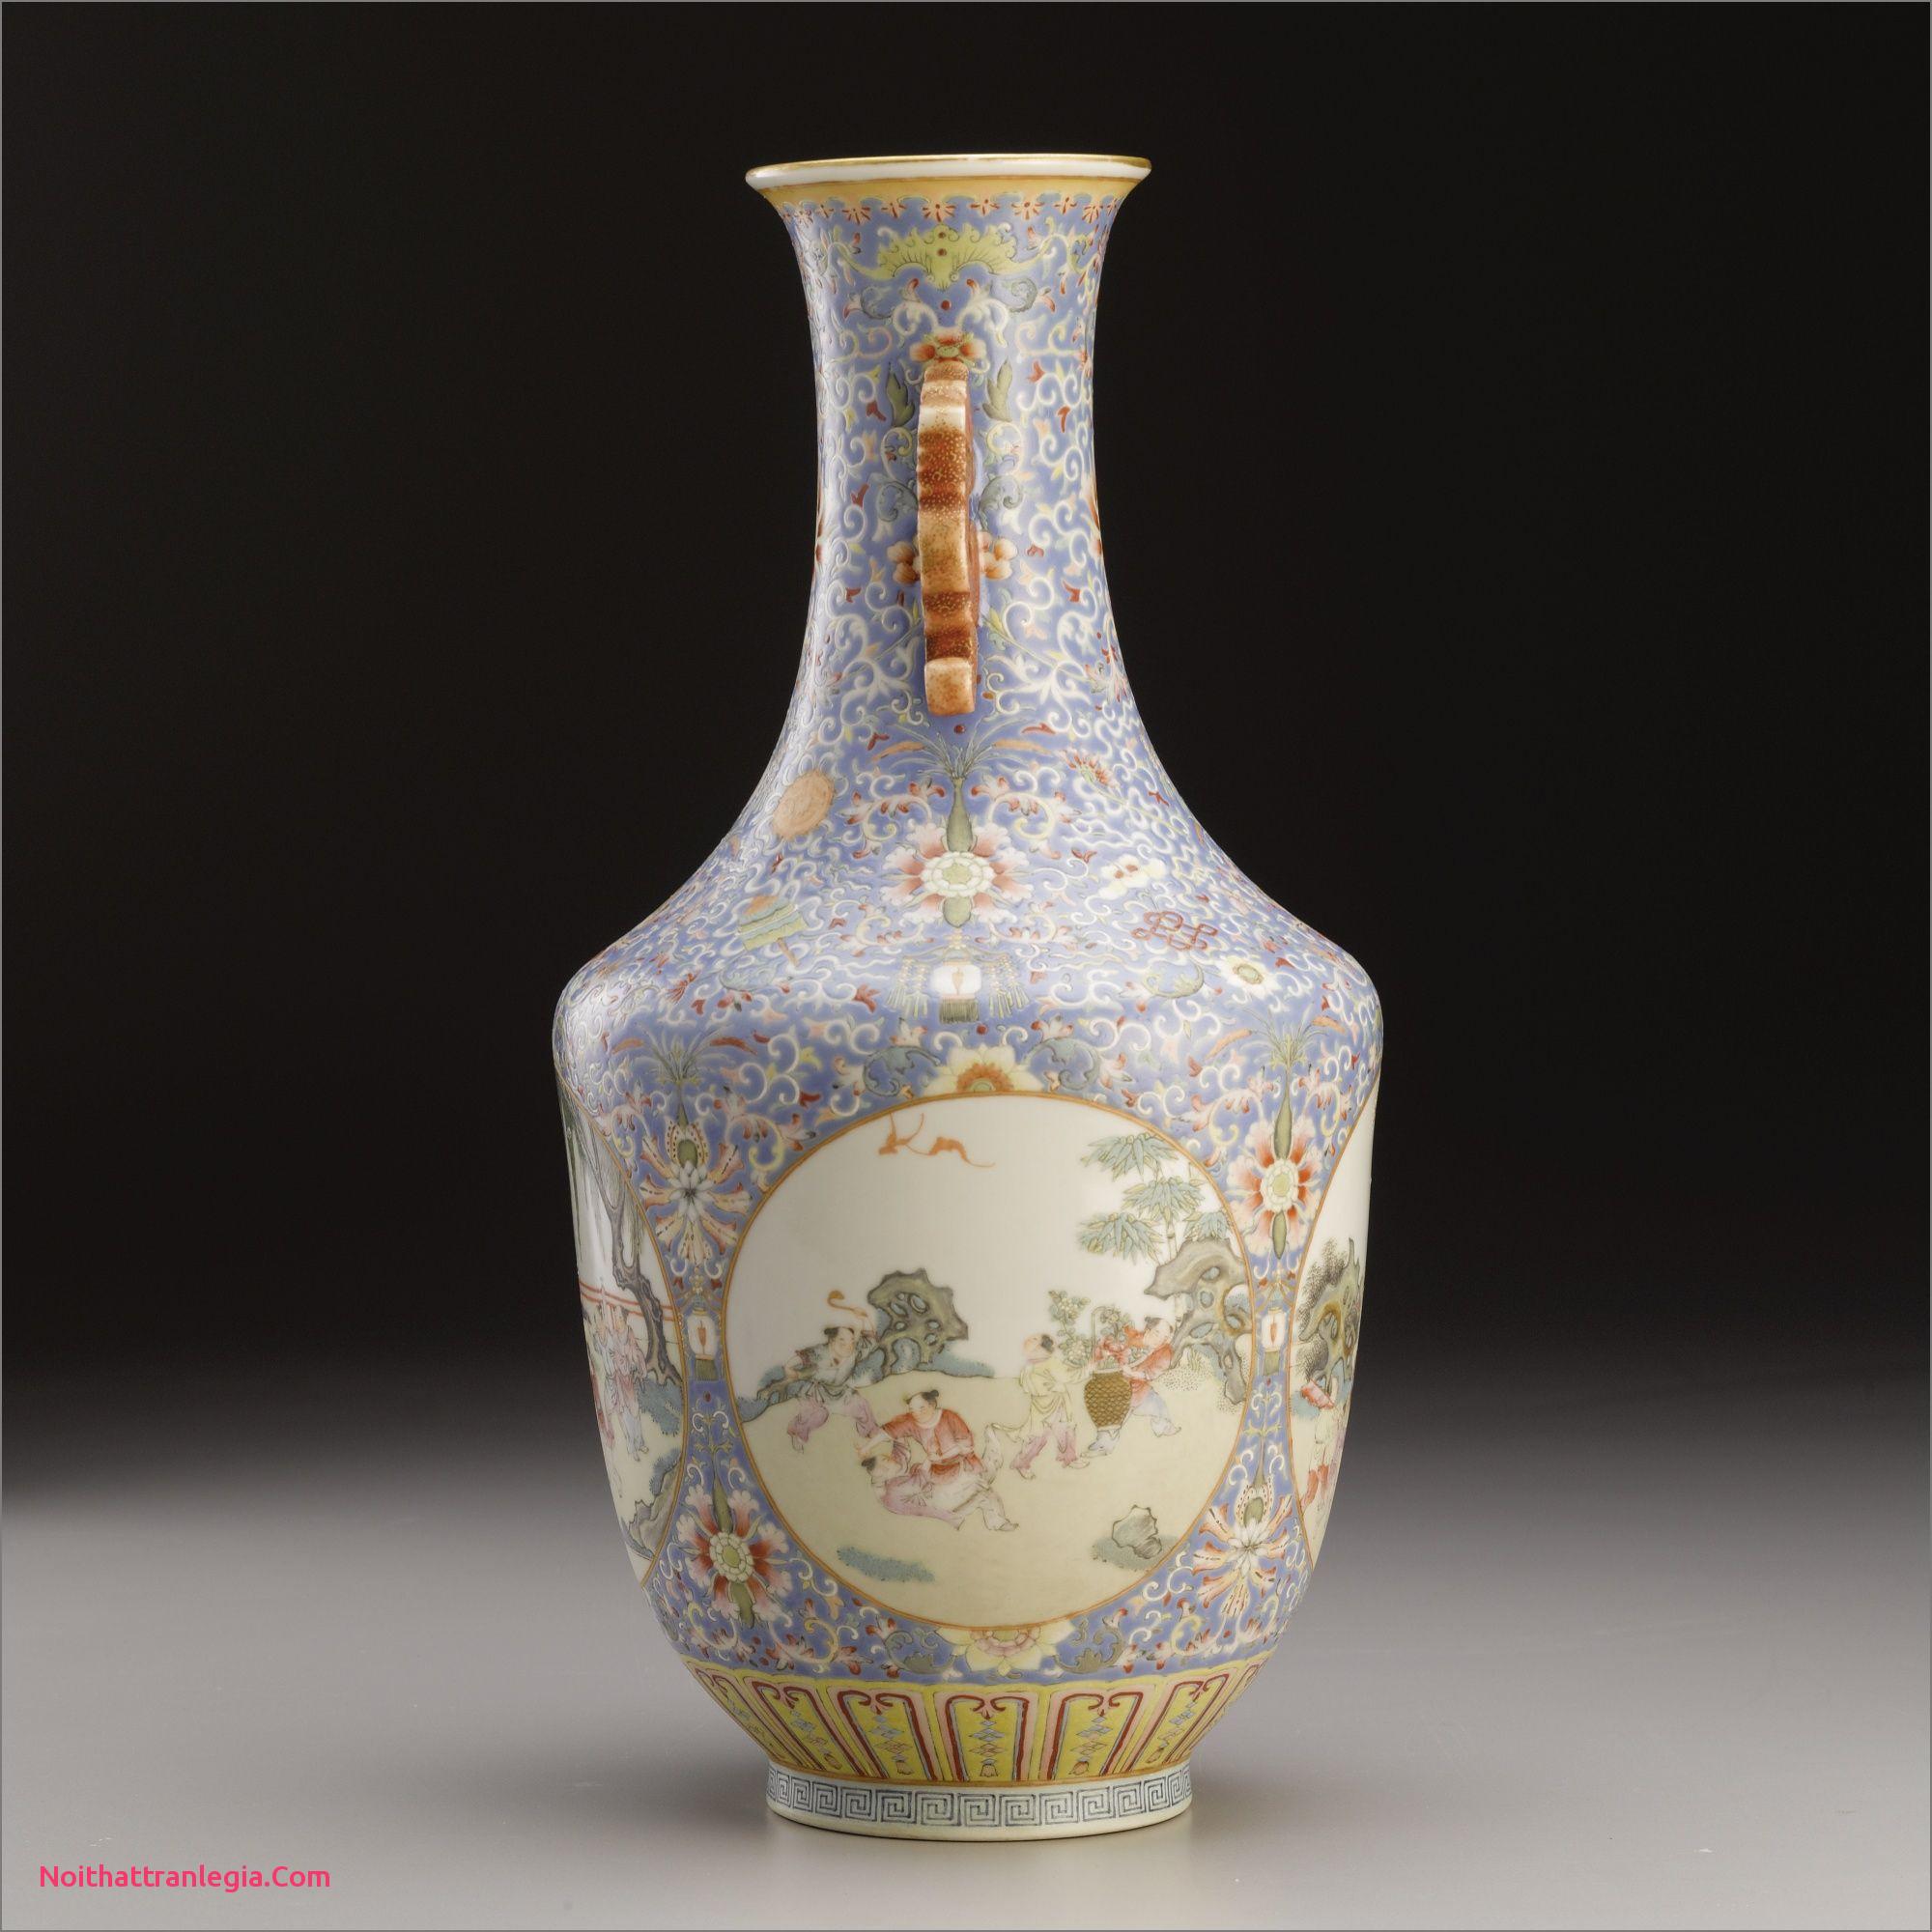 vintage porcelain vases of 20 chinese antique vase noithattranlegia vases design within a fine blue ground famille rose vase qing dynasty daoguang